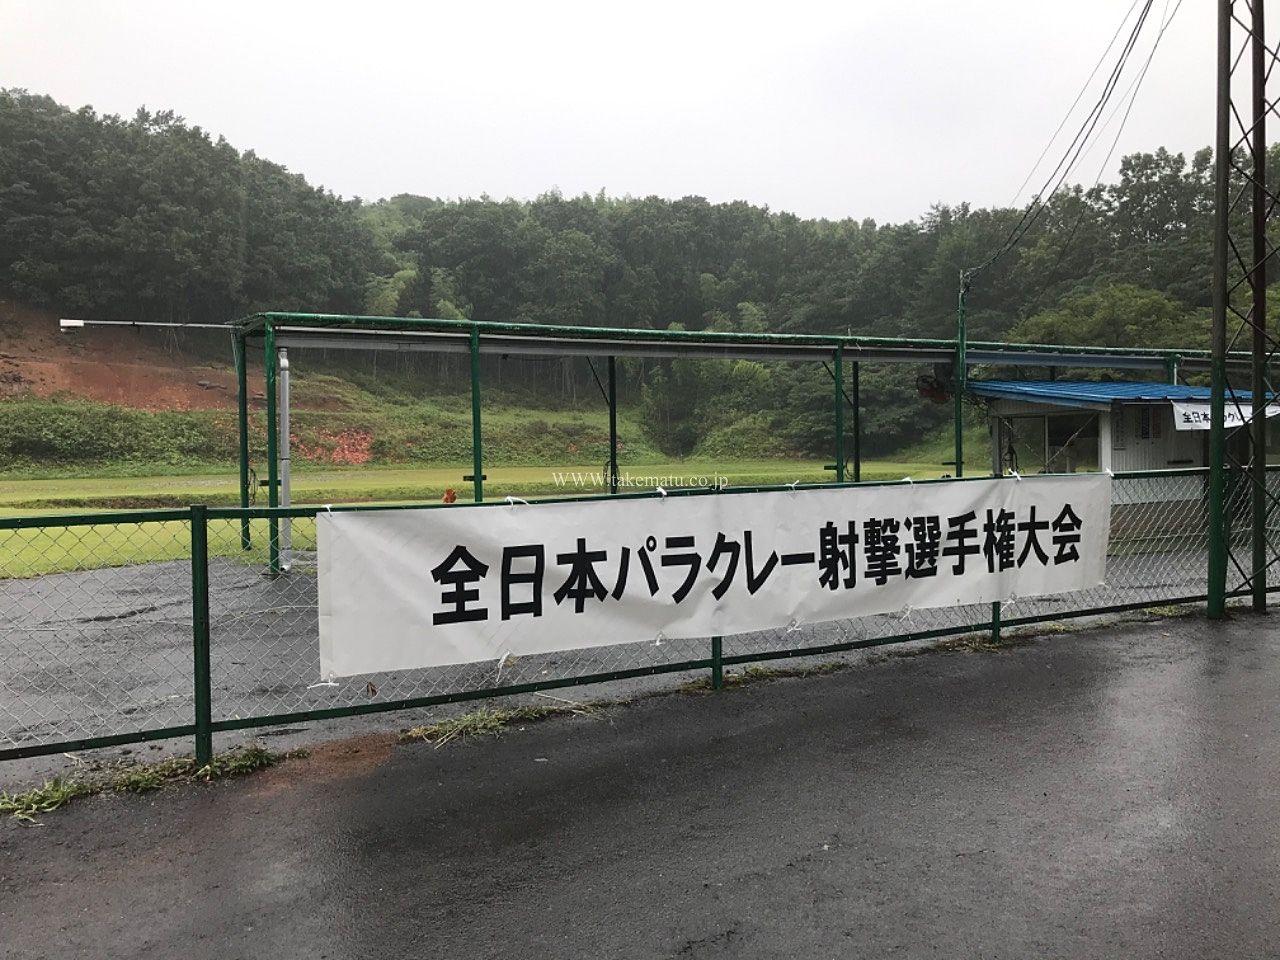 島根大東クレー射撃場